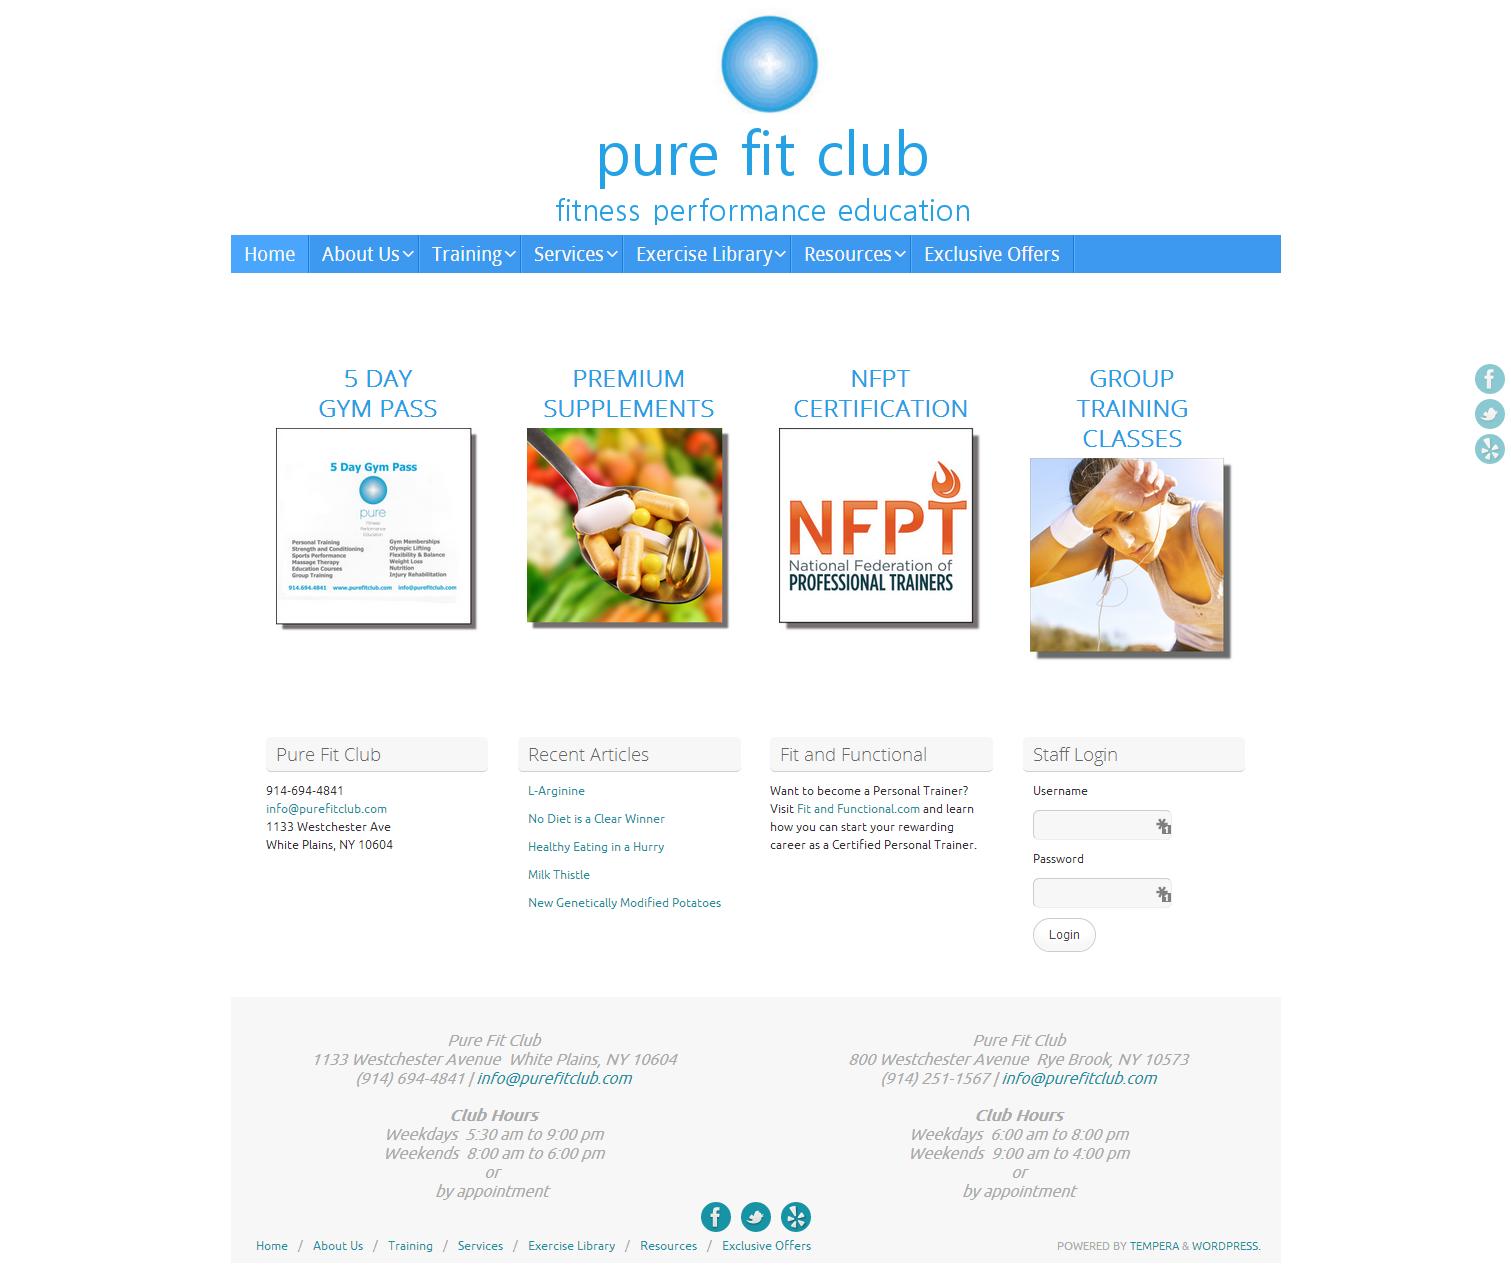 PureFitClub